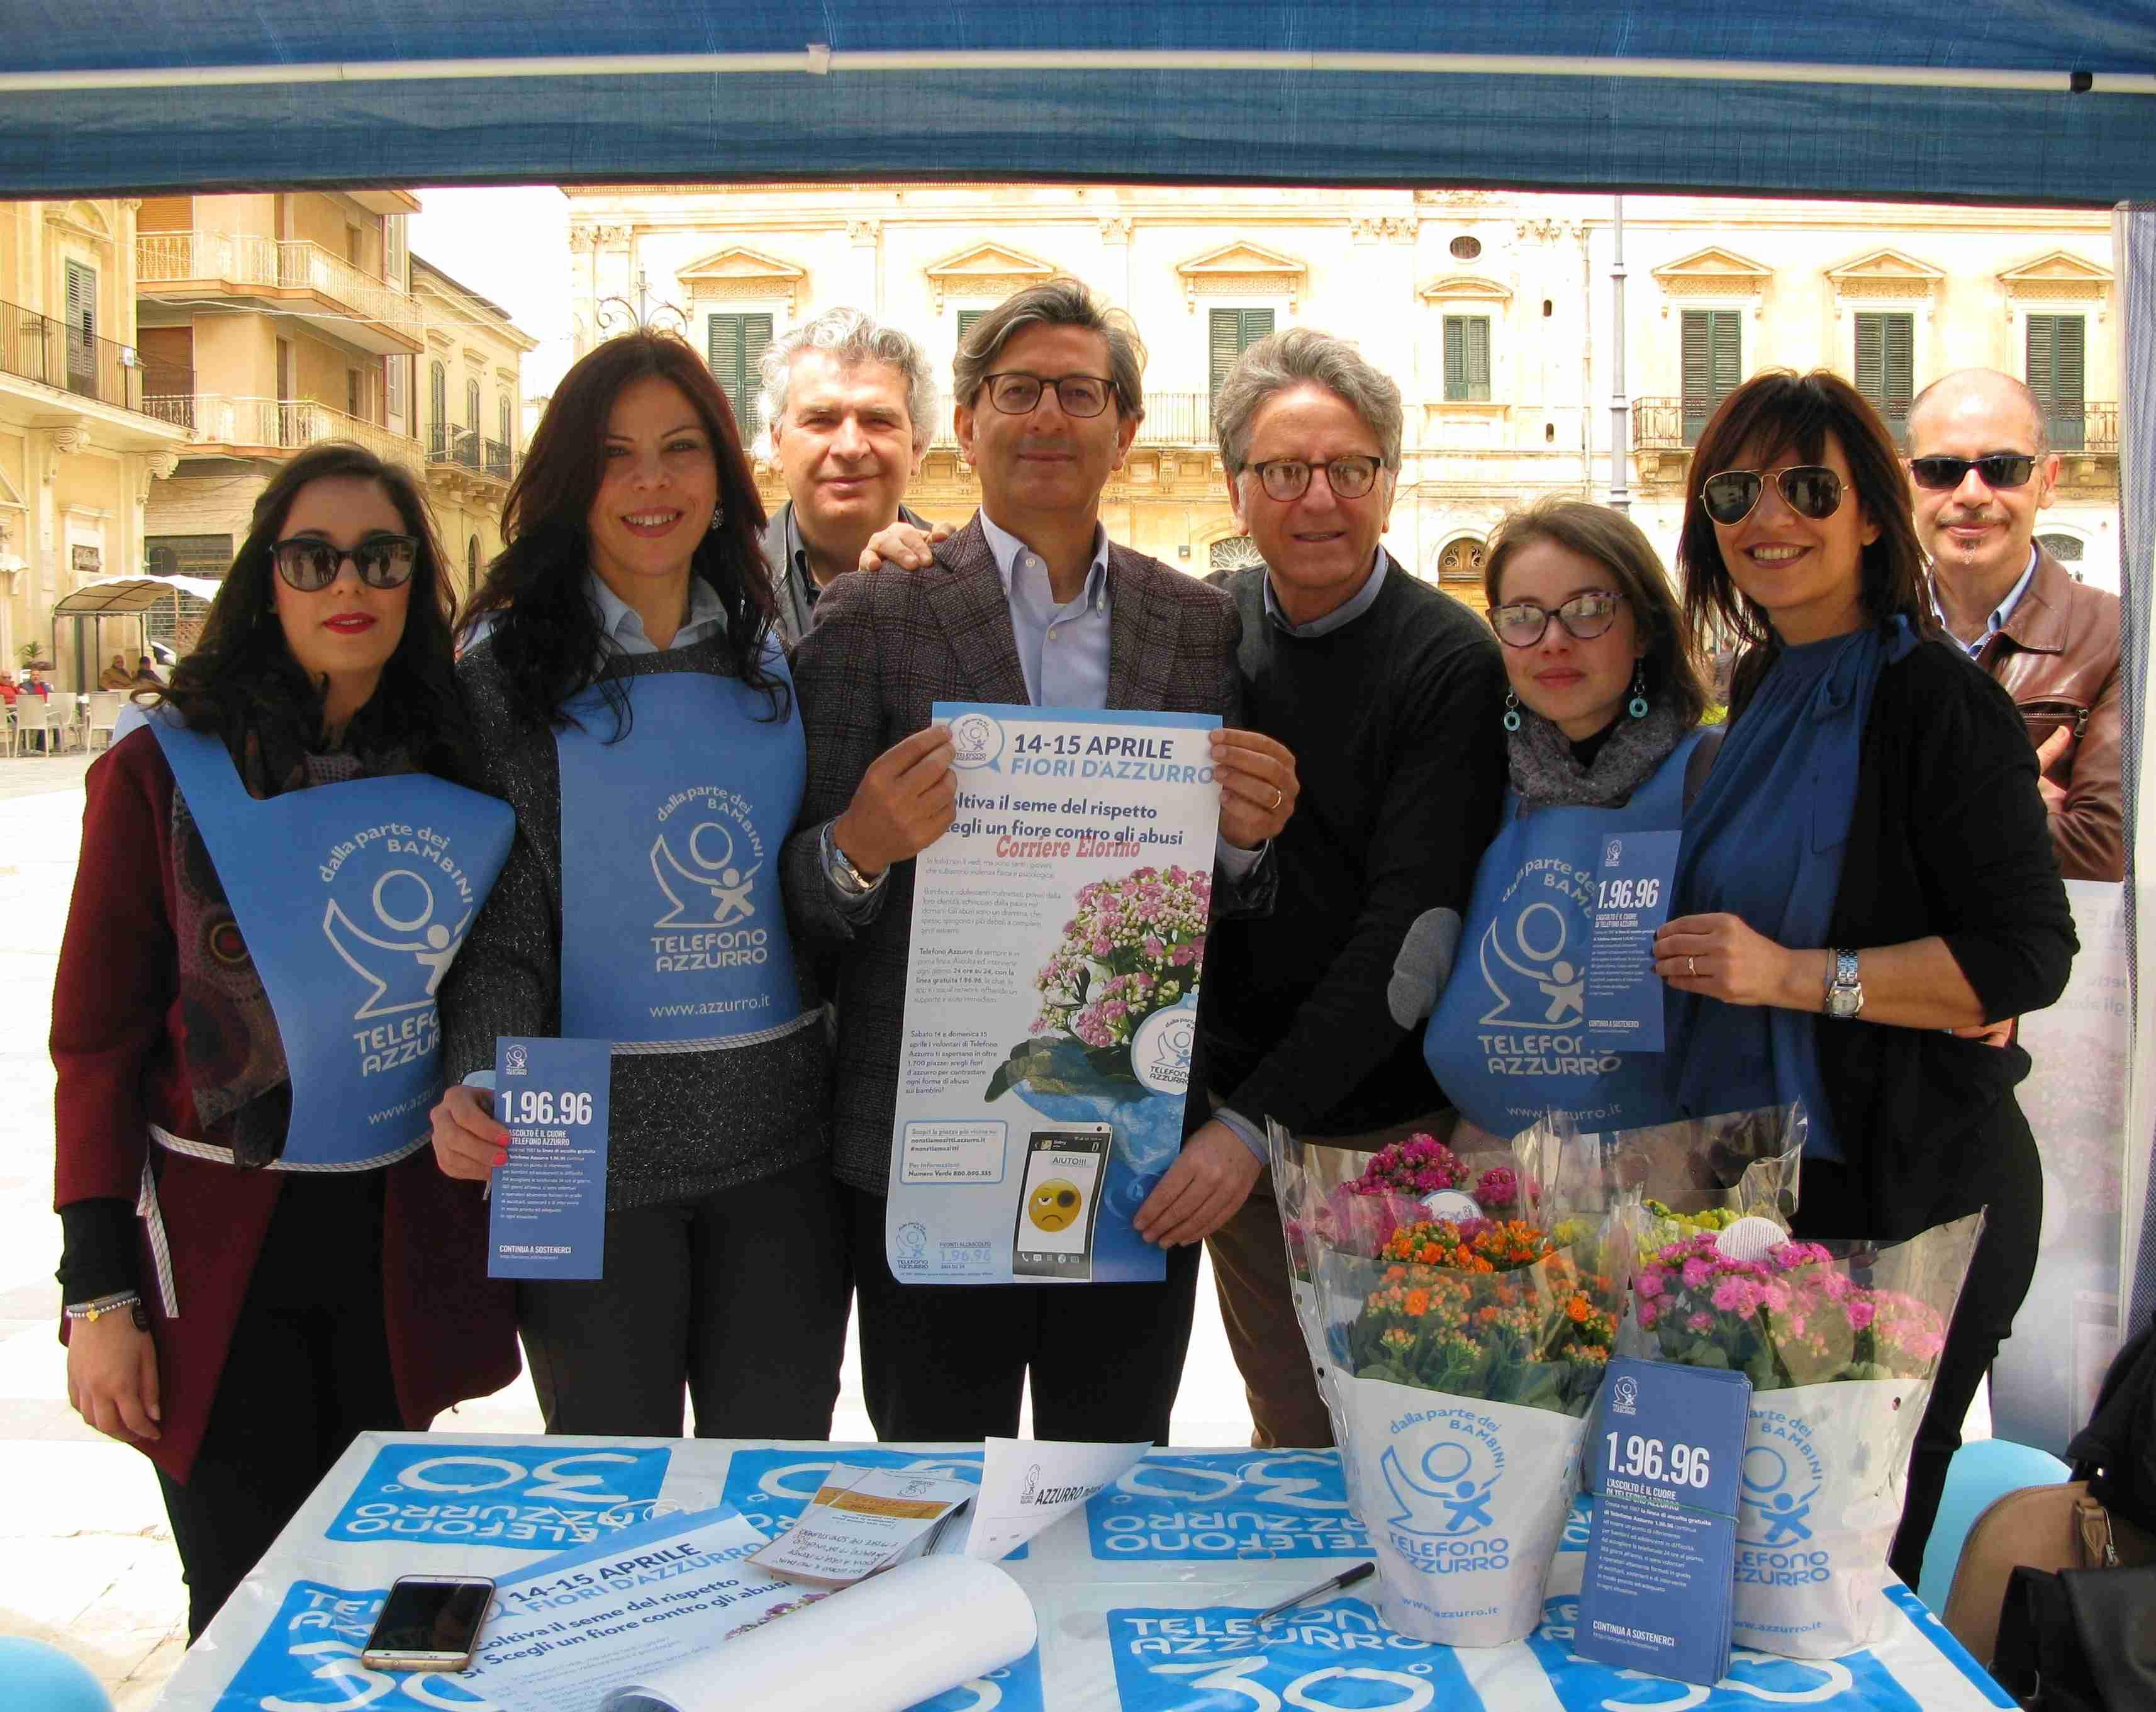 L'Associazione Arcobaleno oggi in piazza insieme a Telefono Azzurro. Un fiore contro gli abusi